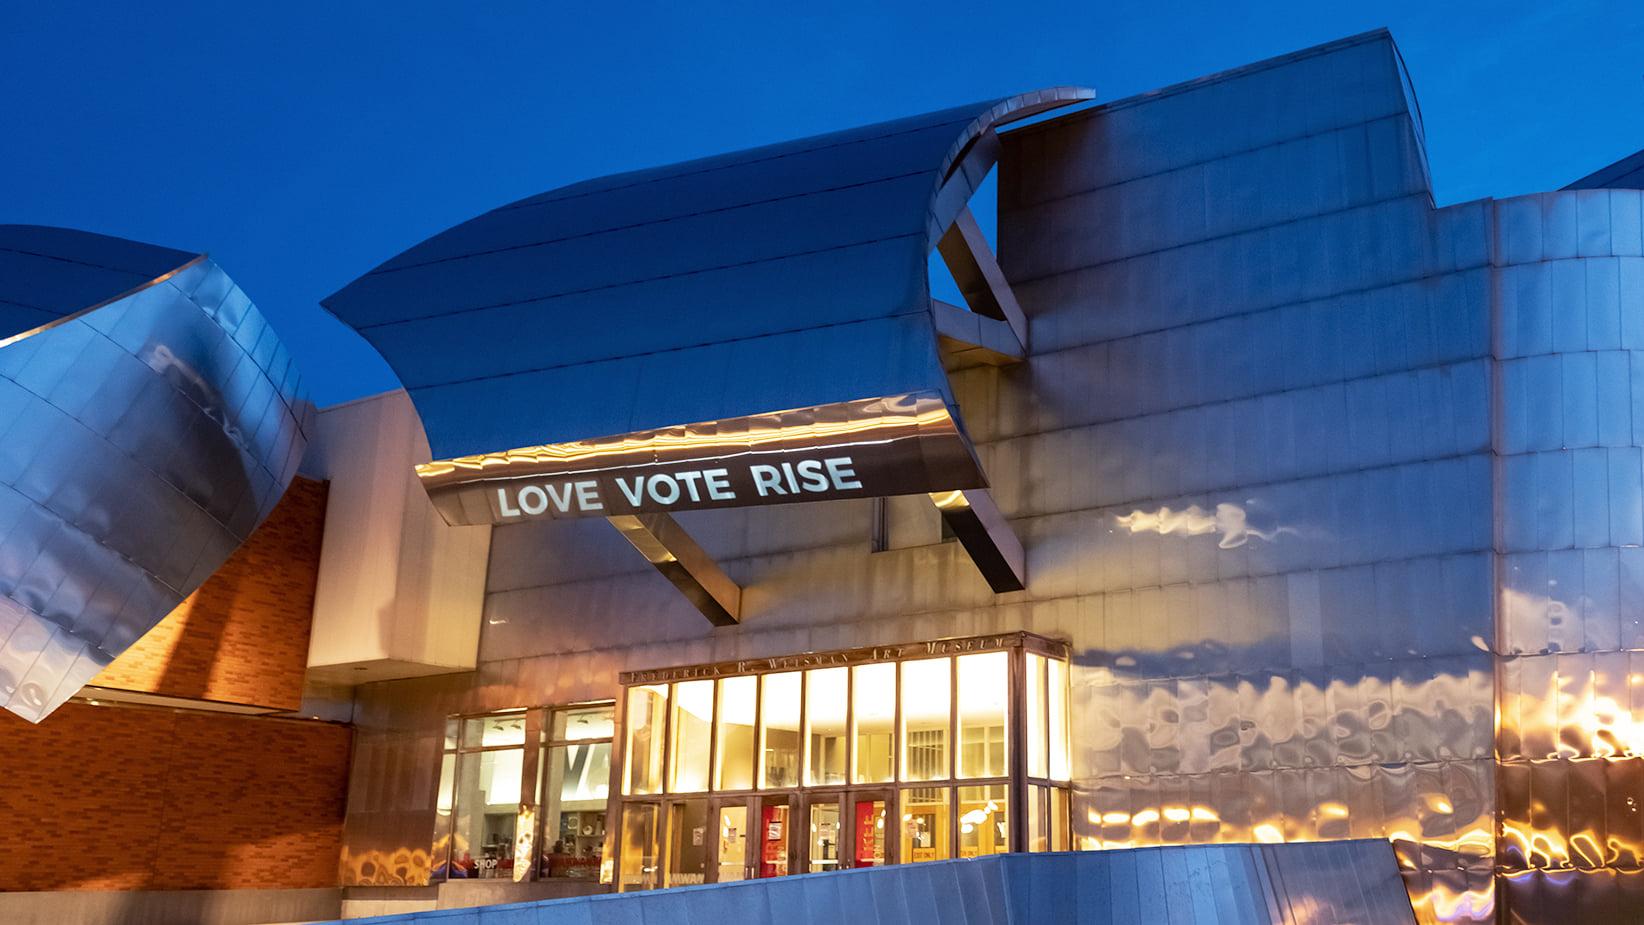 Love Vote Rise